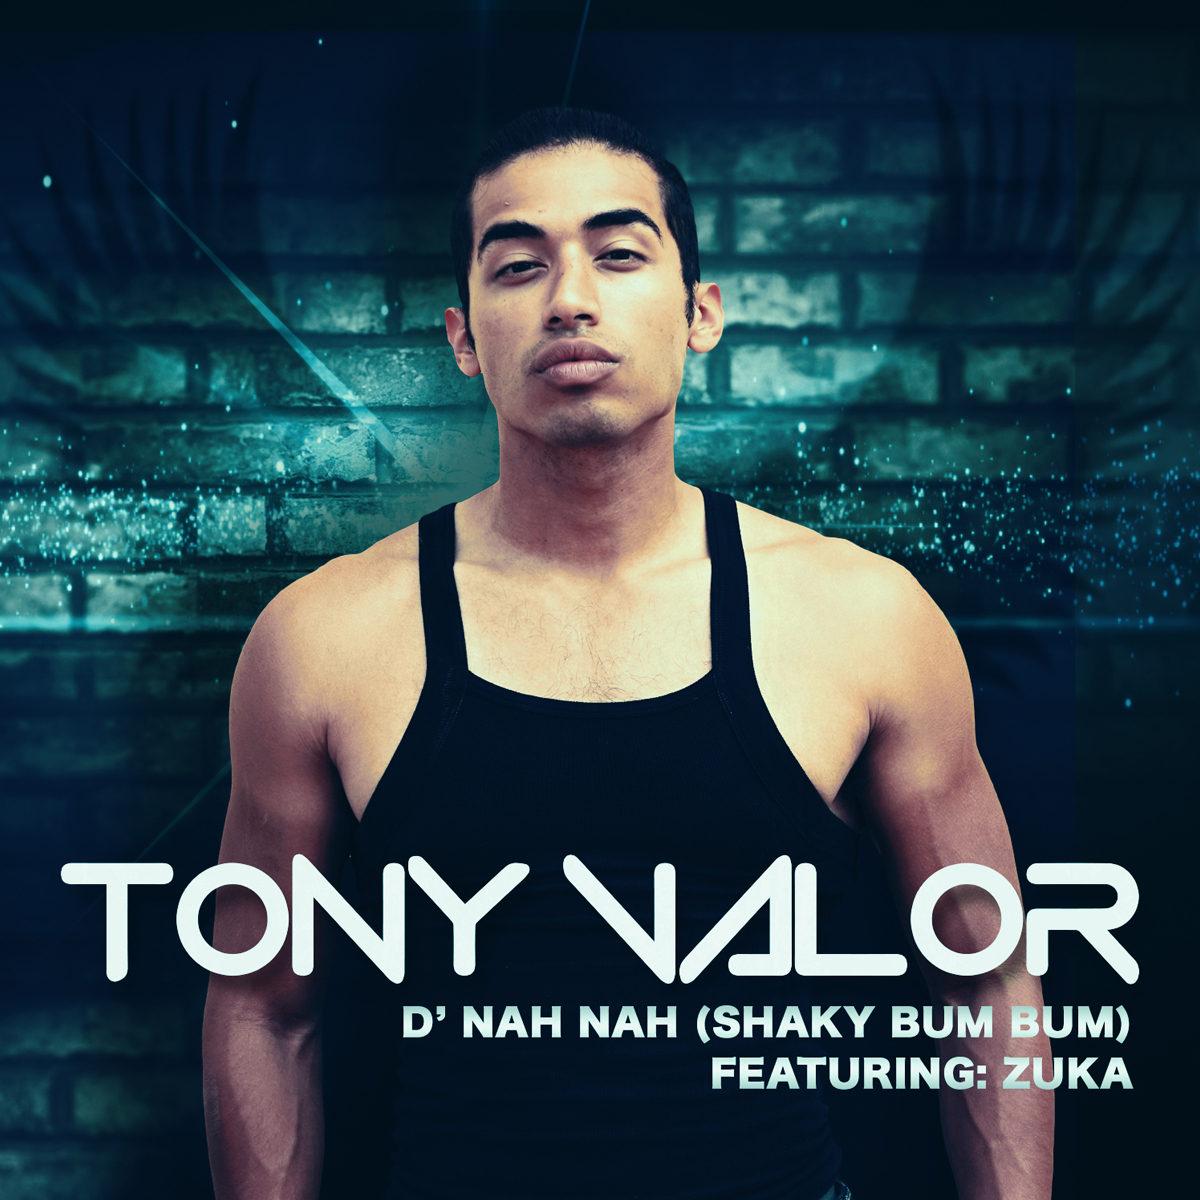 Tony Valor - D' Nah Nah (Shaky Bum, Bum)